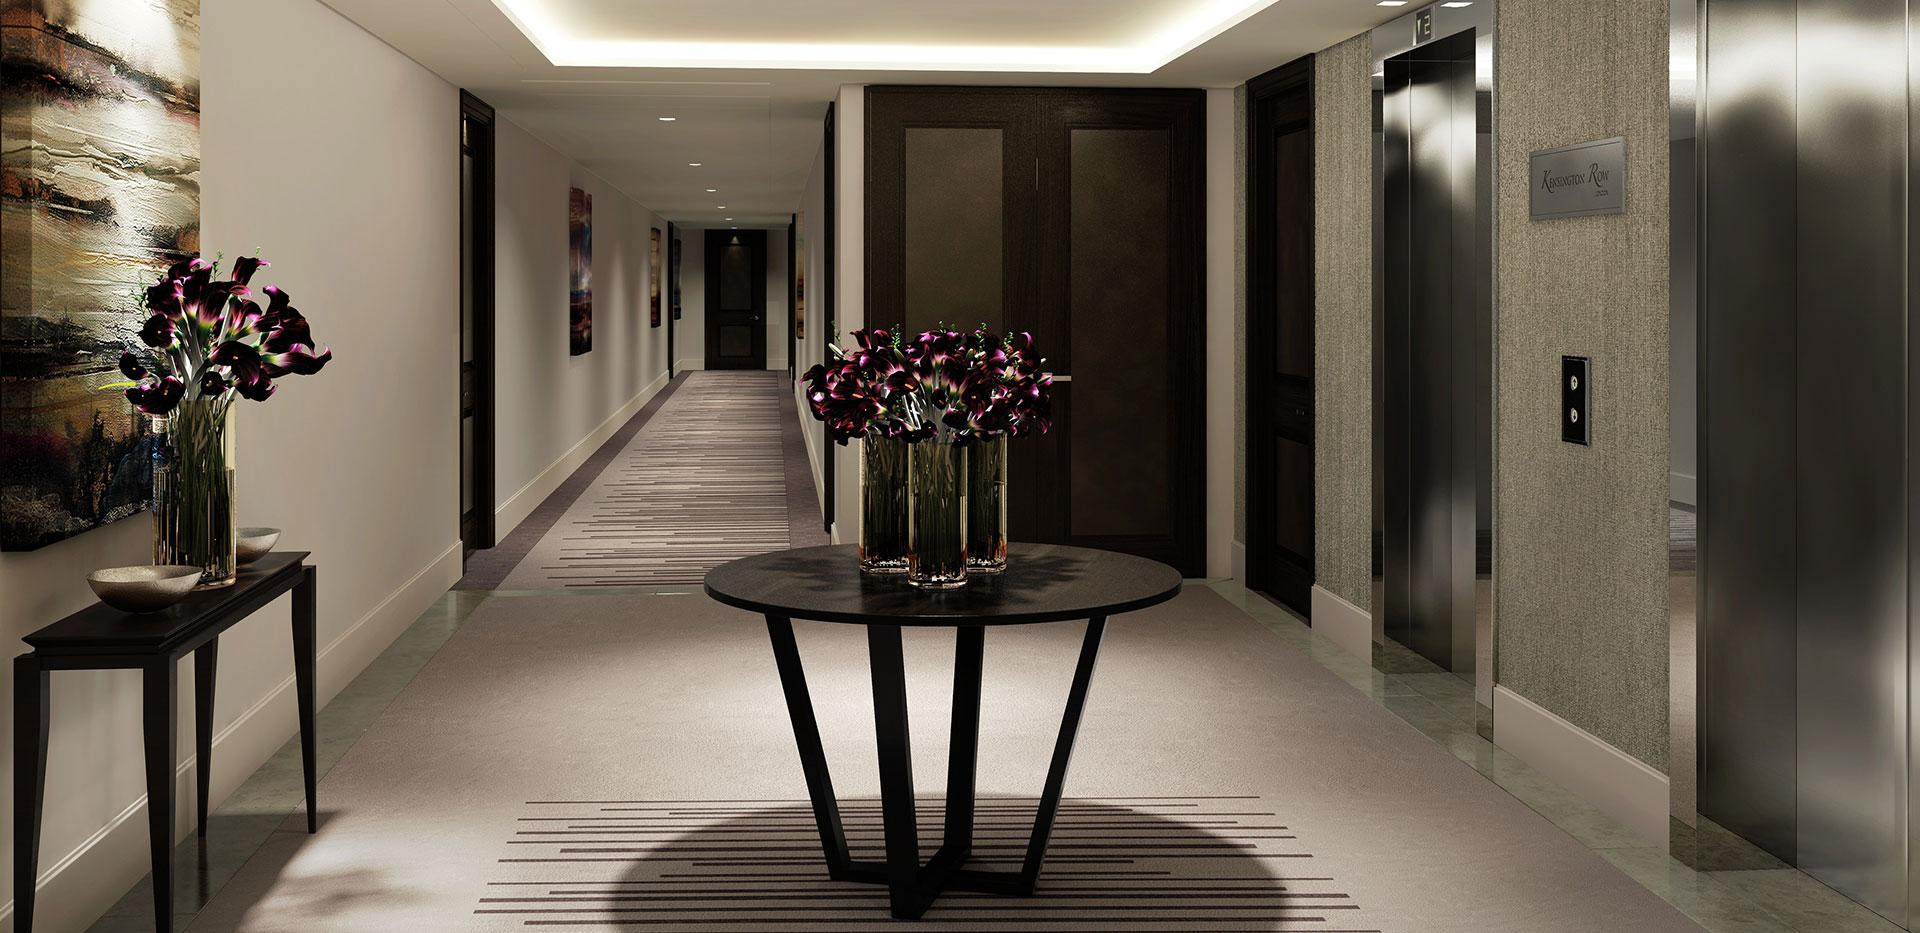 St Edward, Kensington Row, Thomas Earle House, Show Apartment, Interior, Kitchen